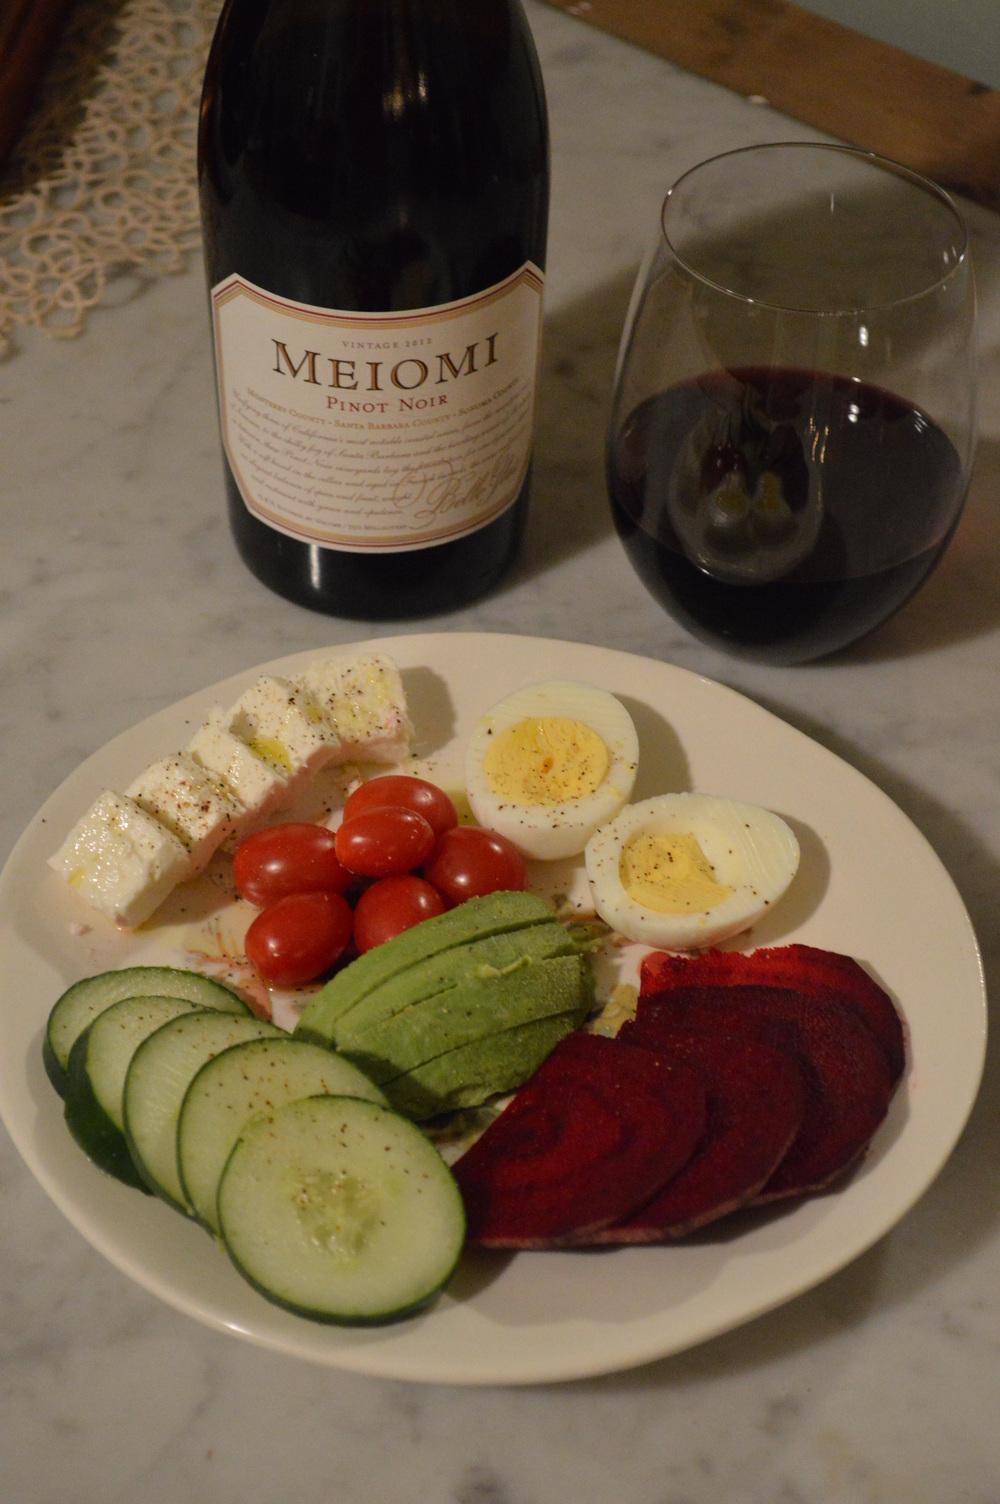 Wine + Raw Veggies